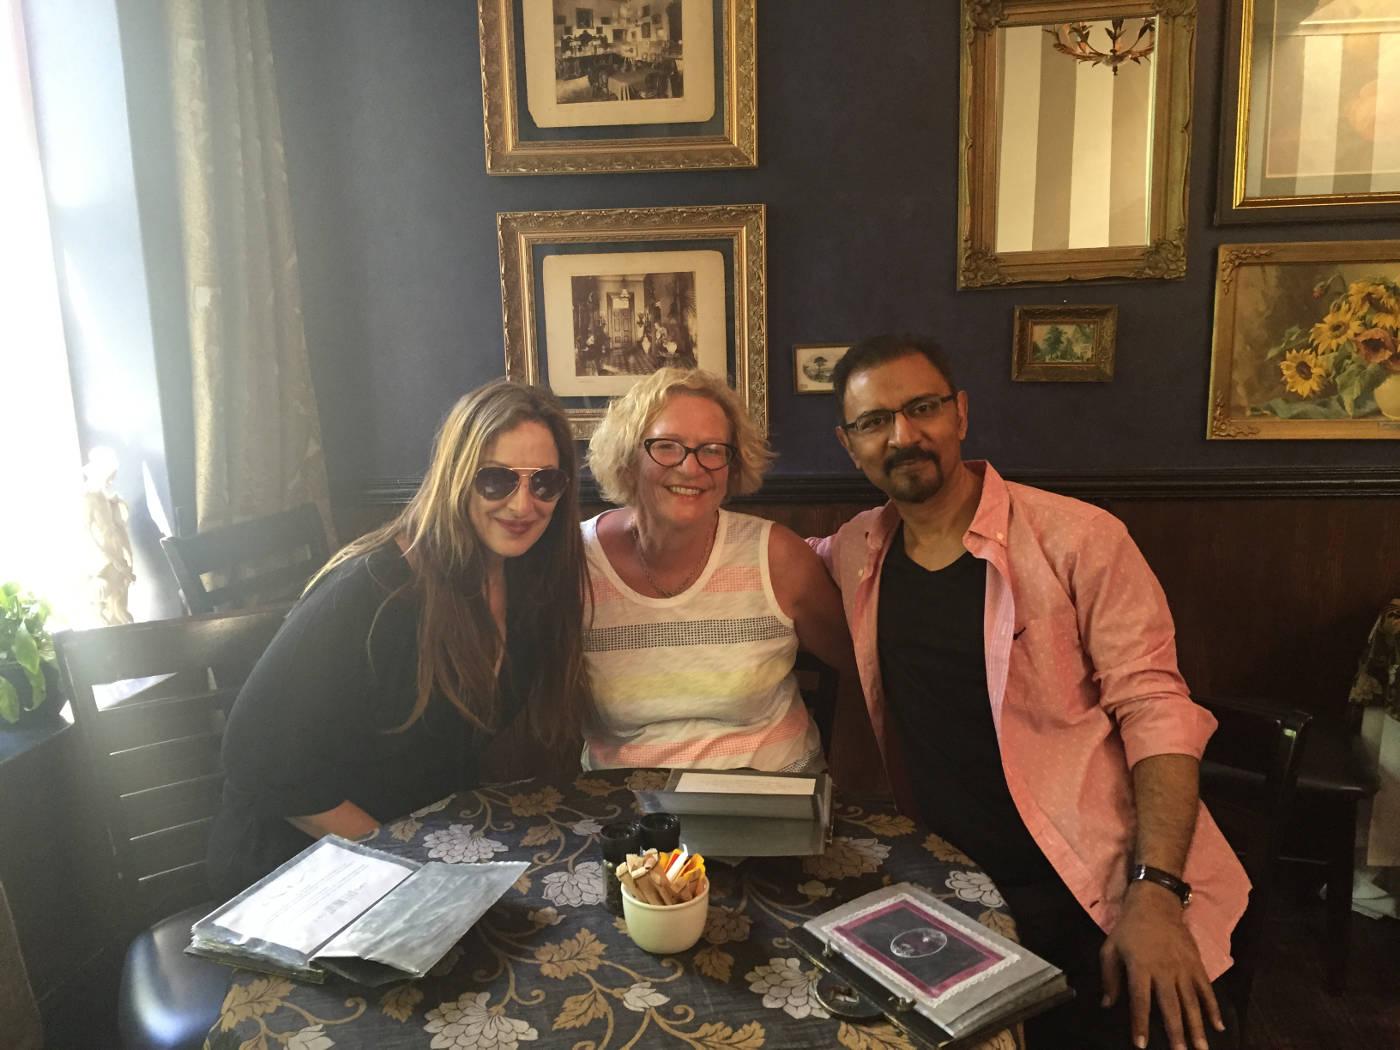 Februarie 2016: Met Pnina Fenster, redakteur van Glamour en Mo Ismail, wat onder die naam Morad Zaffron publiseer, by 'n skryfkursus in Kaapstad, aangebied deur die Amerikaanse agent Wendy Goldman Rohm.